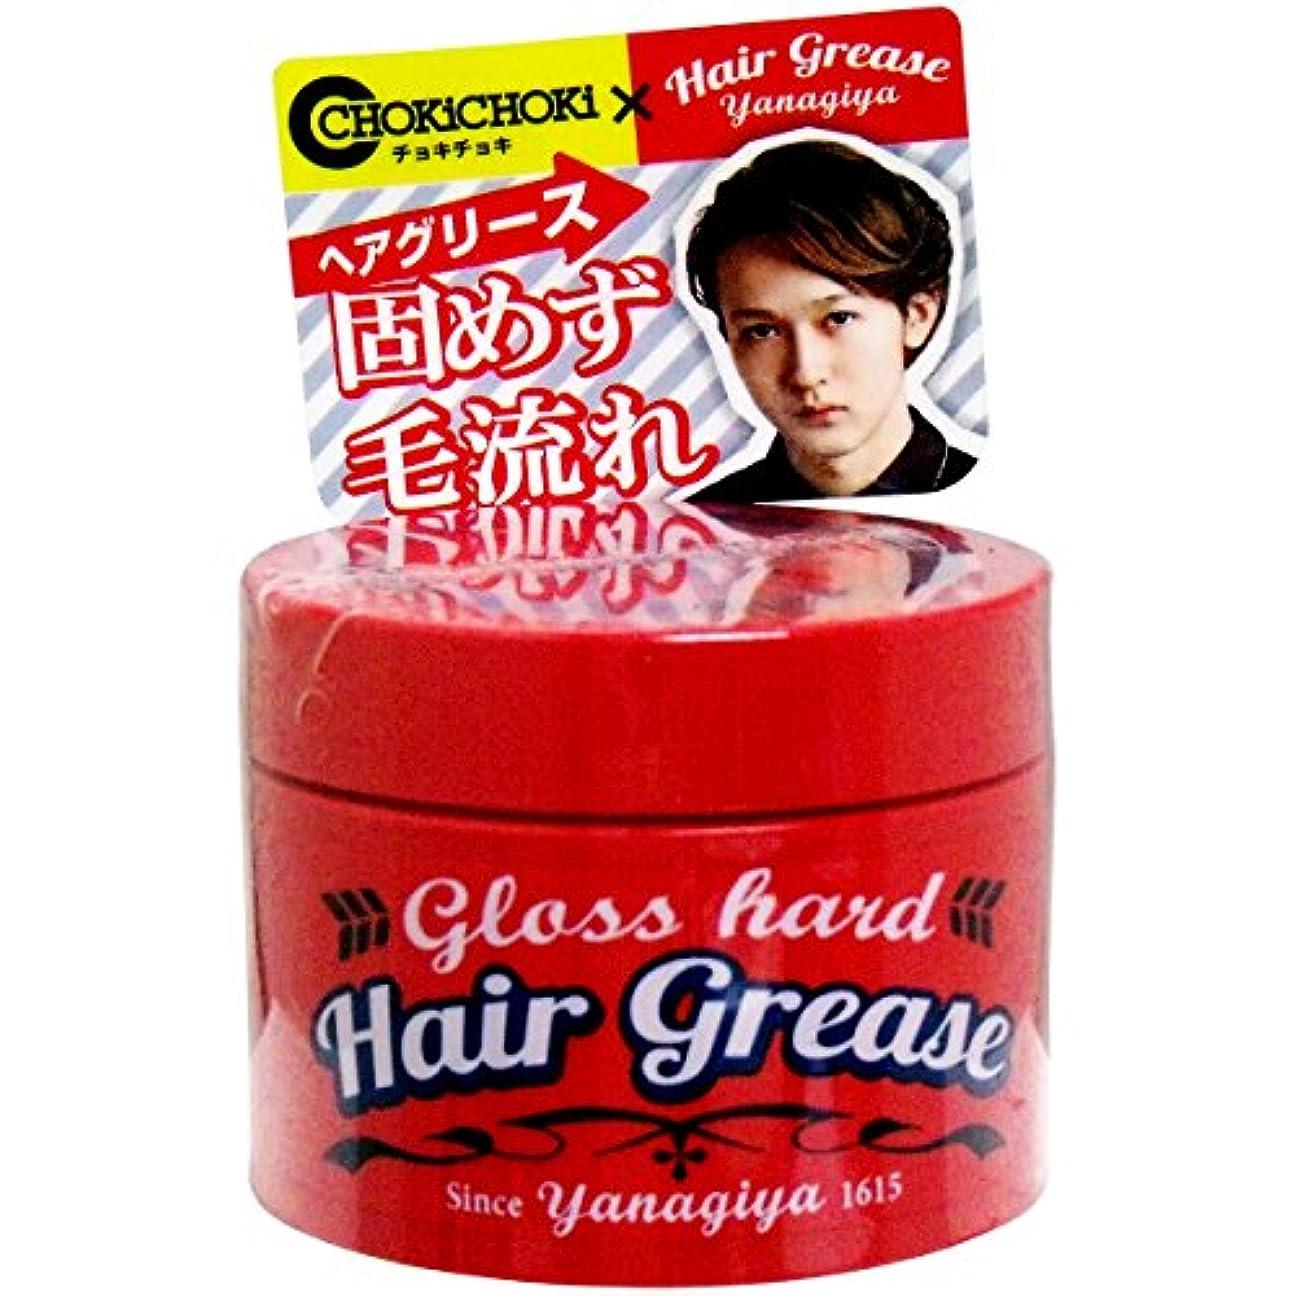 出発する意図的しっかりヘアワックス 固めず毛流れ 使いやすい YANAGIYA ヘアグリース グロスハード 90g入【5個セット】